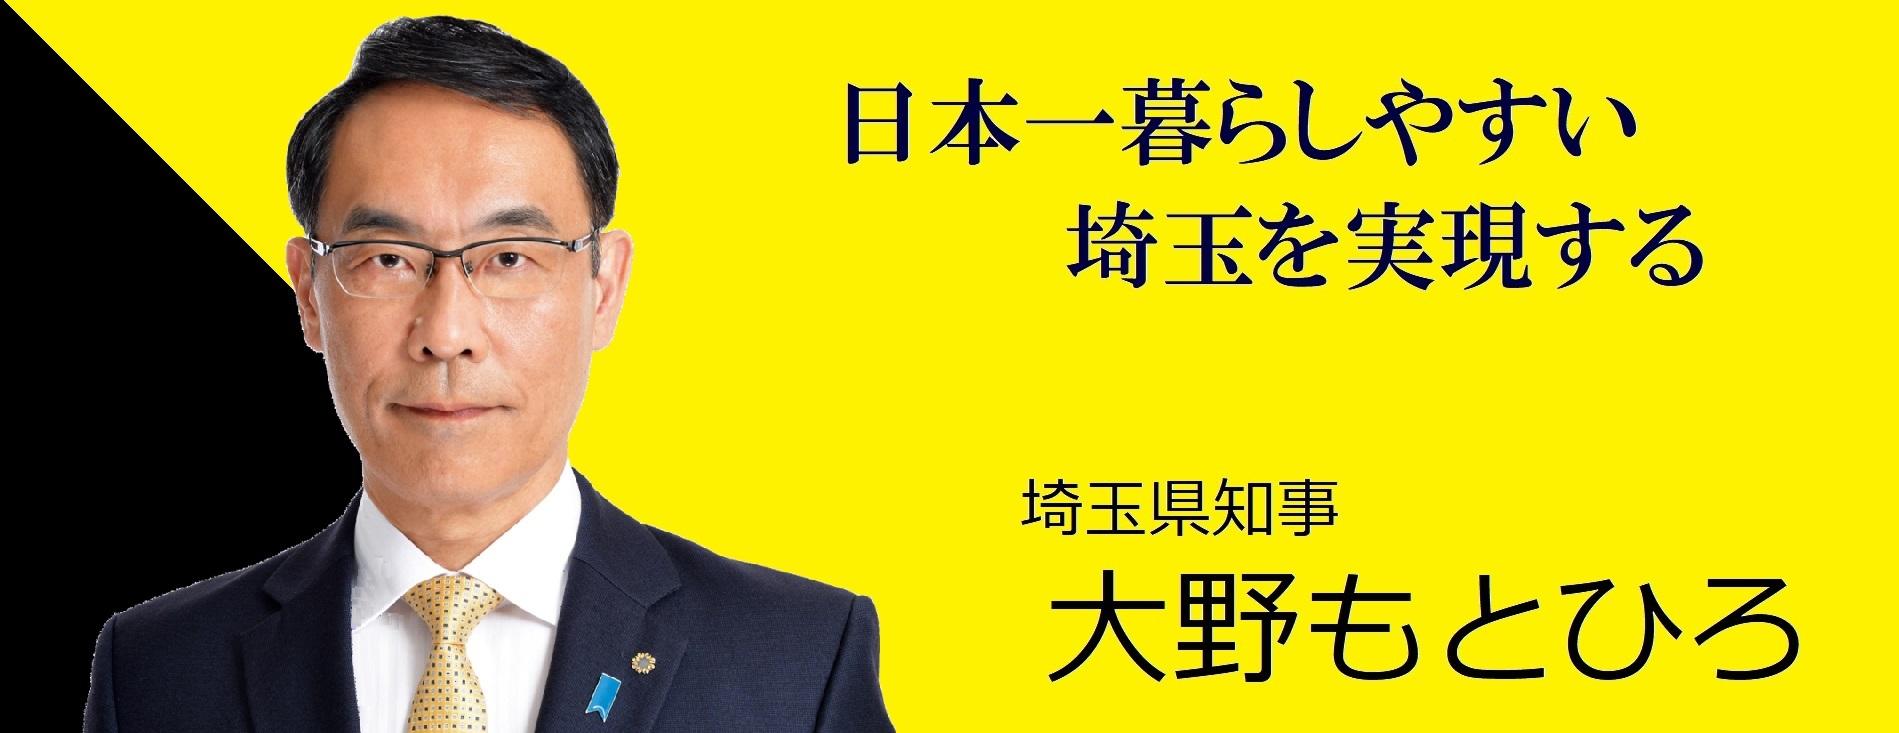 大野もとひろ 埼玉県知事 公式サイト